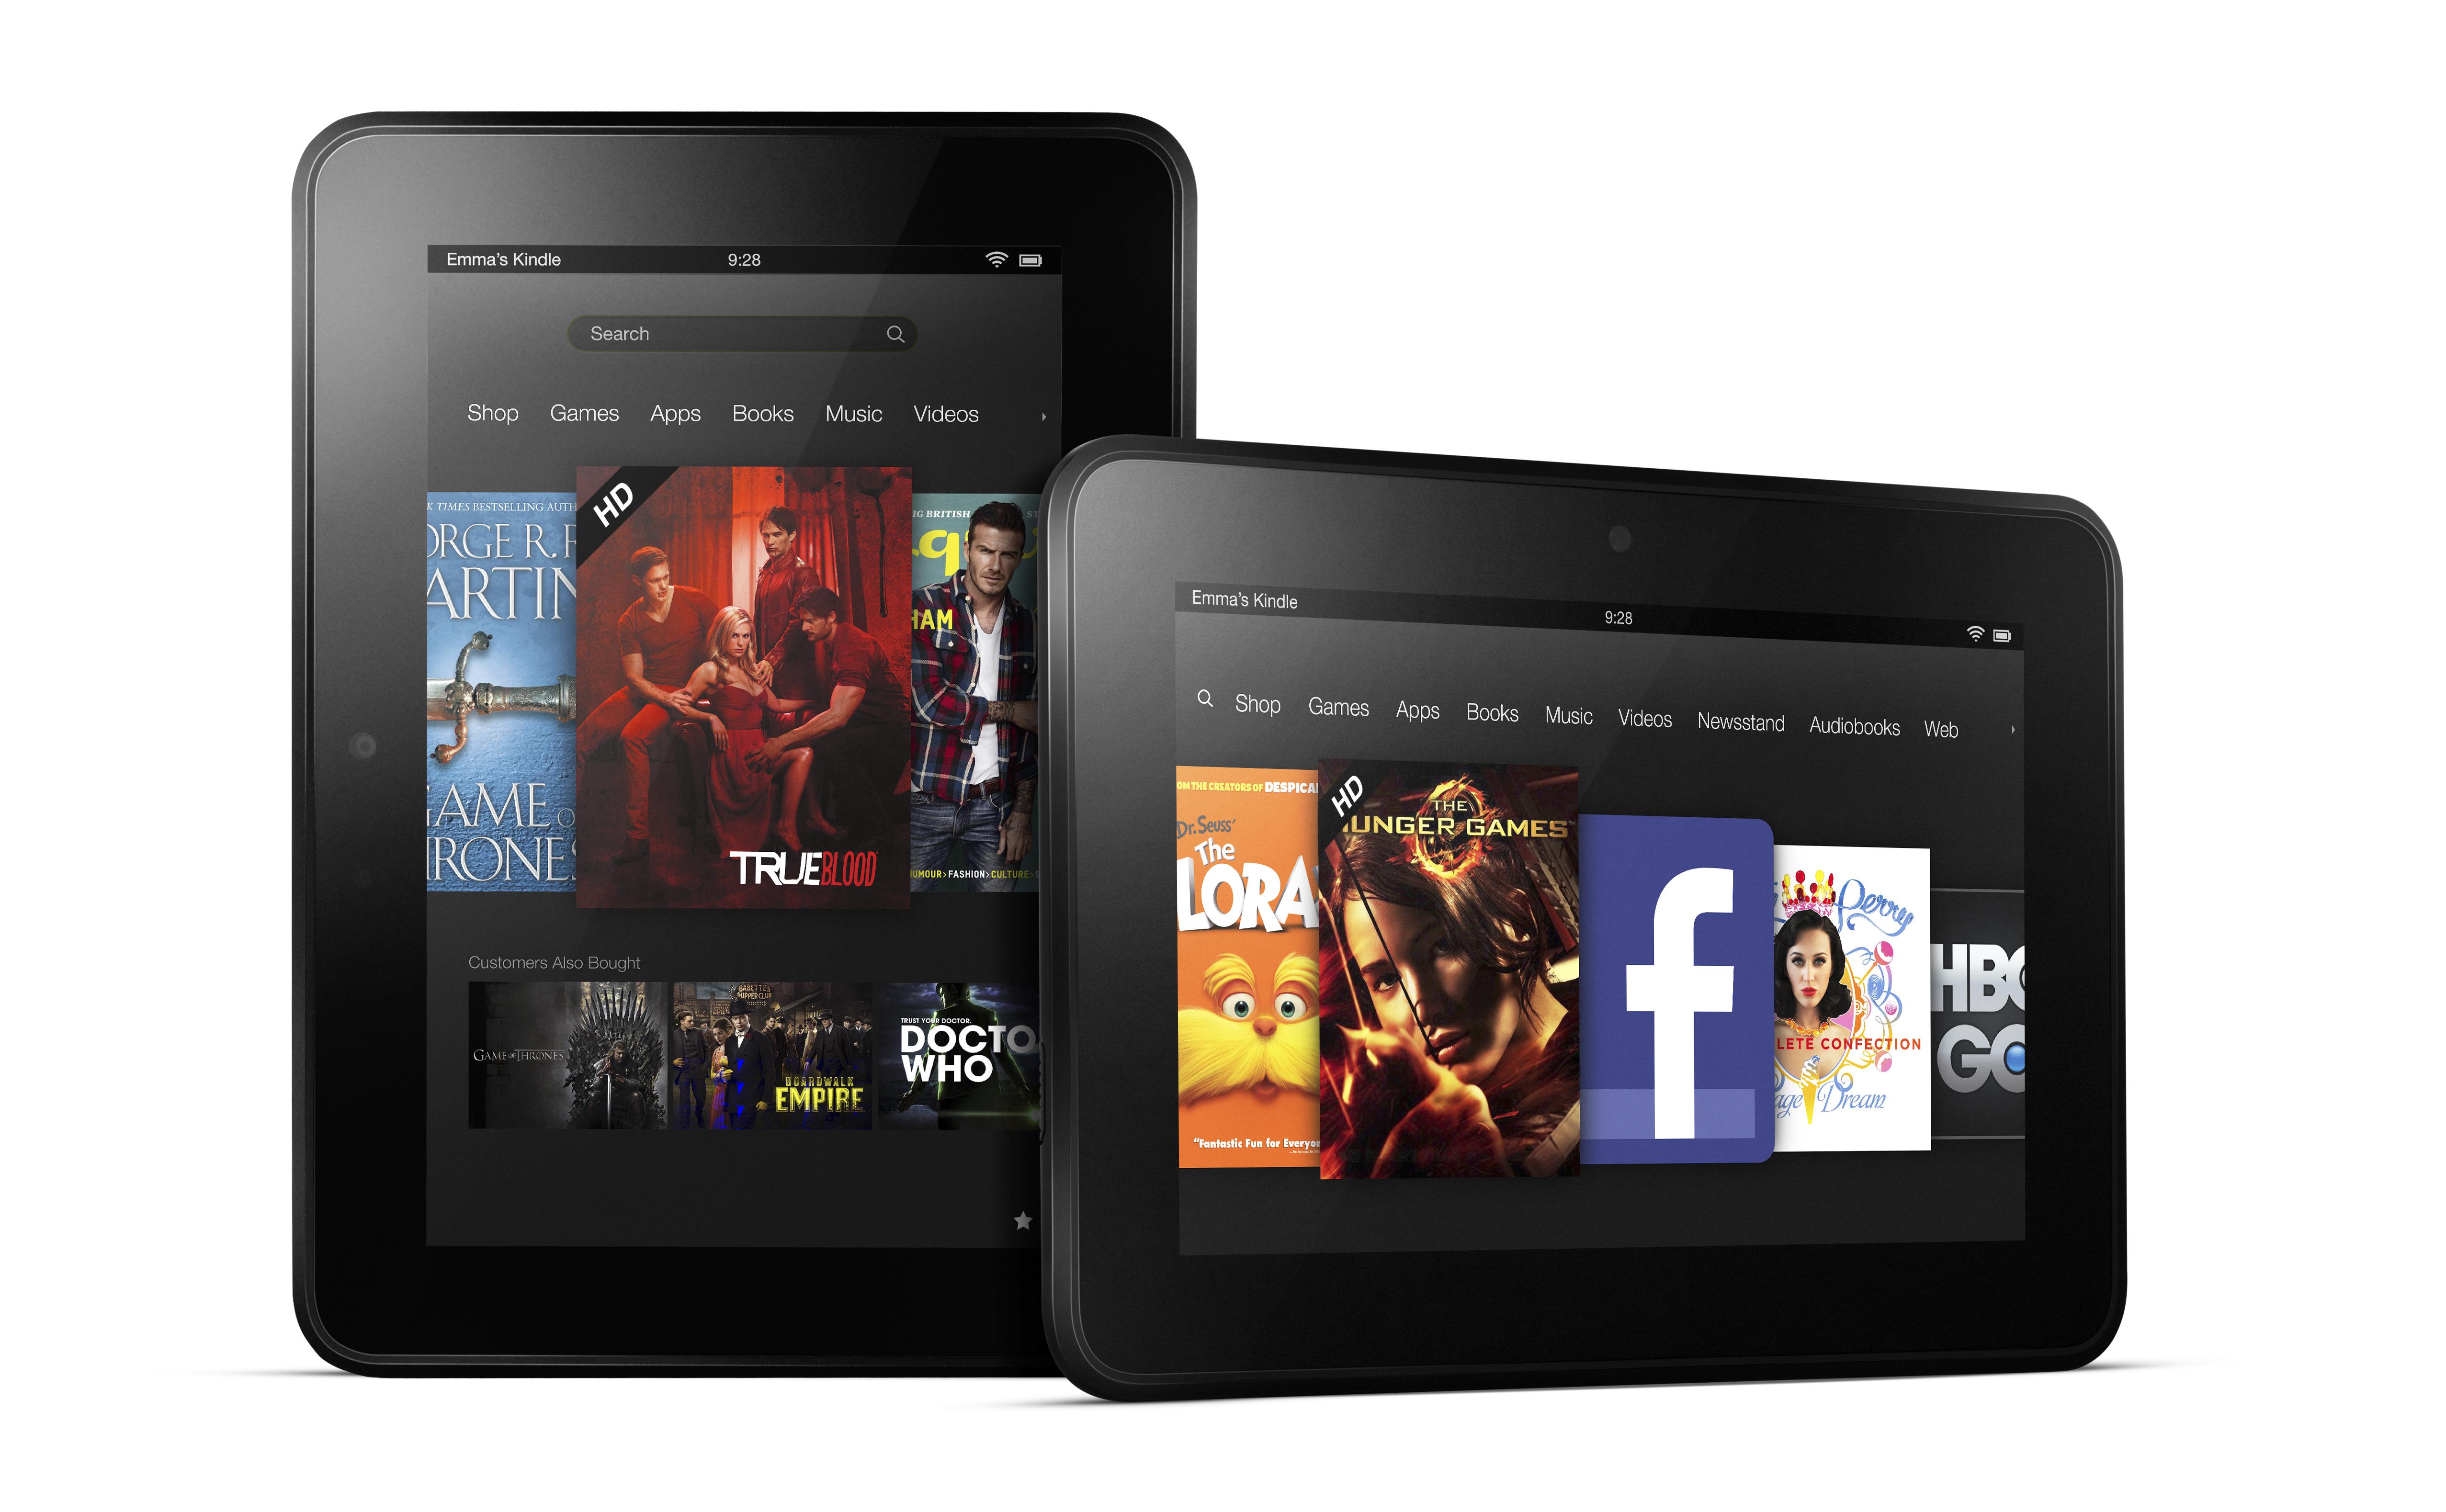 Kindle Fire HD 7jpeg 5108x3158